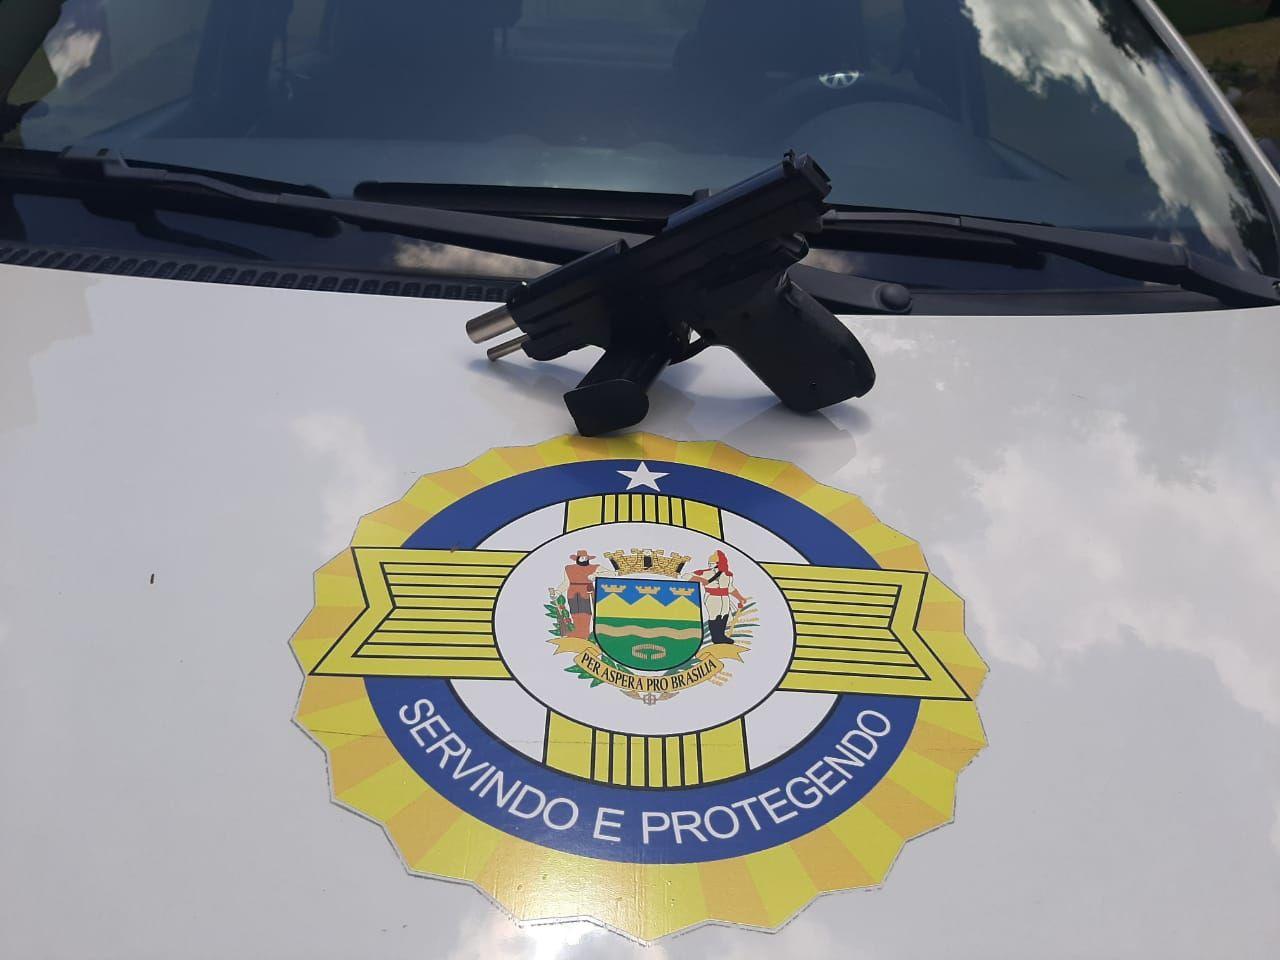 Aluno de 11 anos leva simulacro de arma para escola em Taubaté